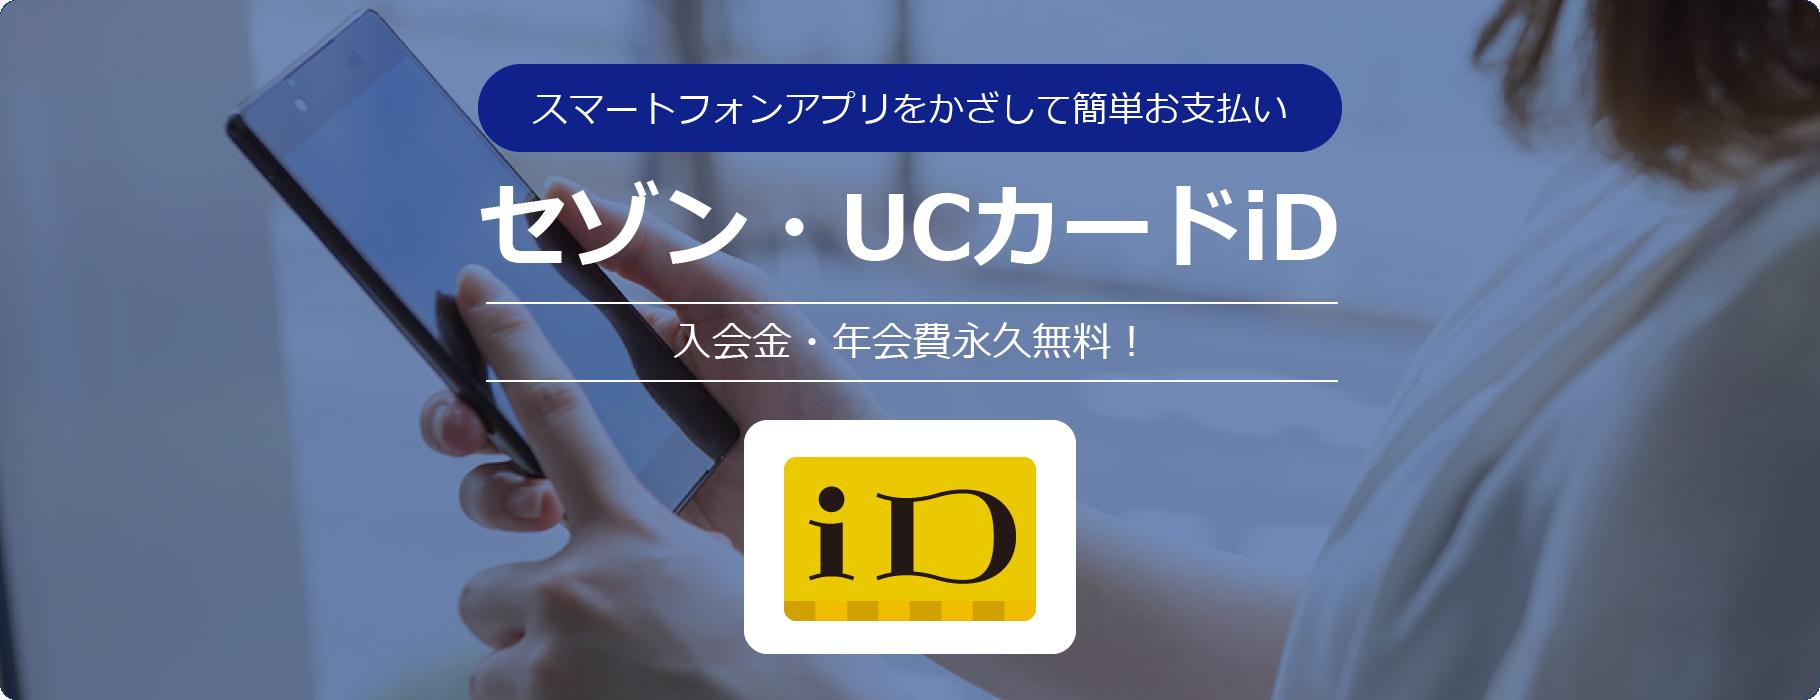 カード ネット ユー uc アット